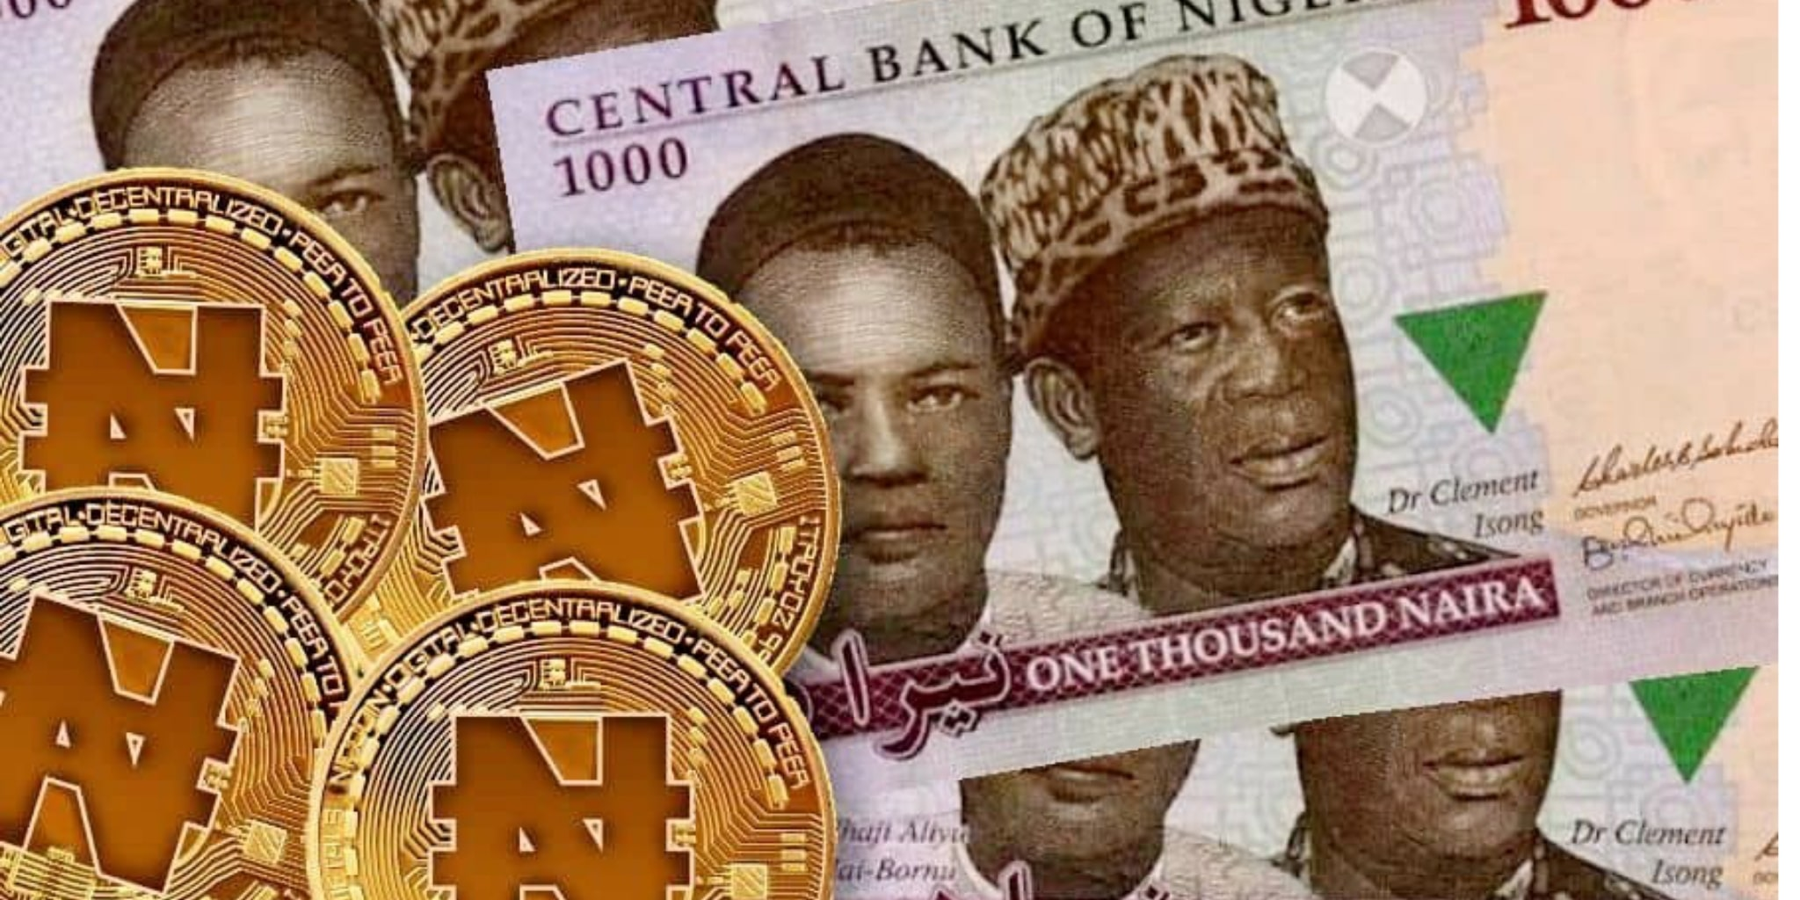 E-Naira CBN Nigeria's digital currency